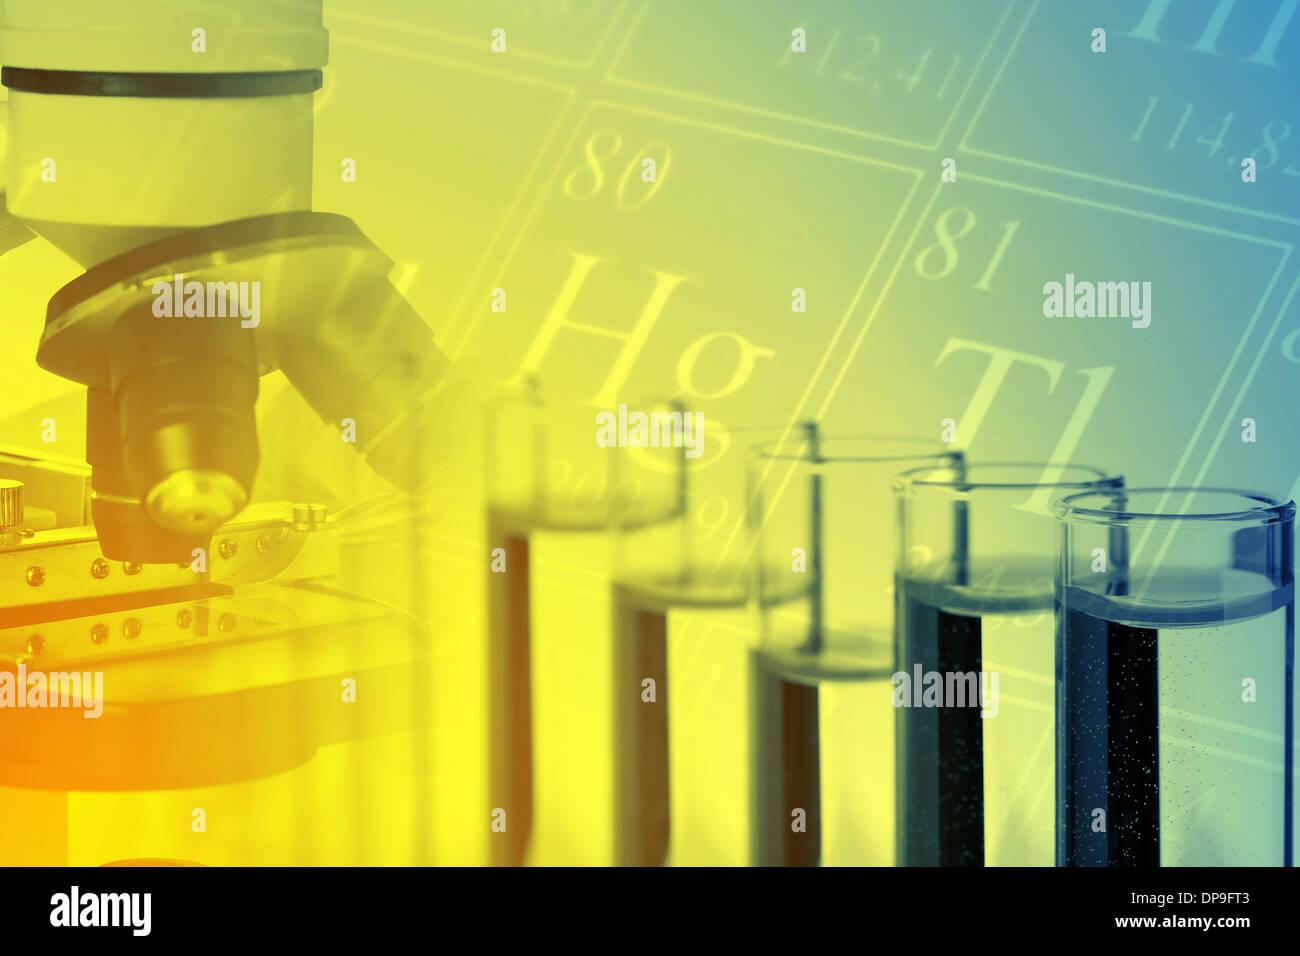 Reagenzgläser mit Mikroskop und Periodensystem der Elemente - Chemie oder Biologie Wissenschaft Hintergrund Stockbild